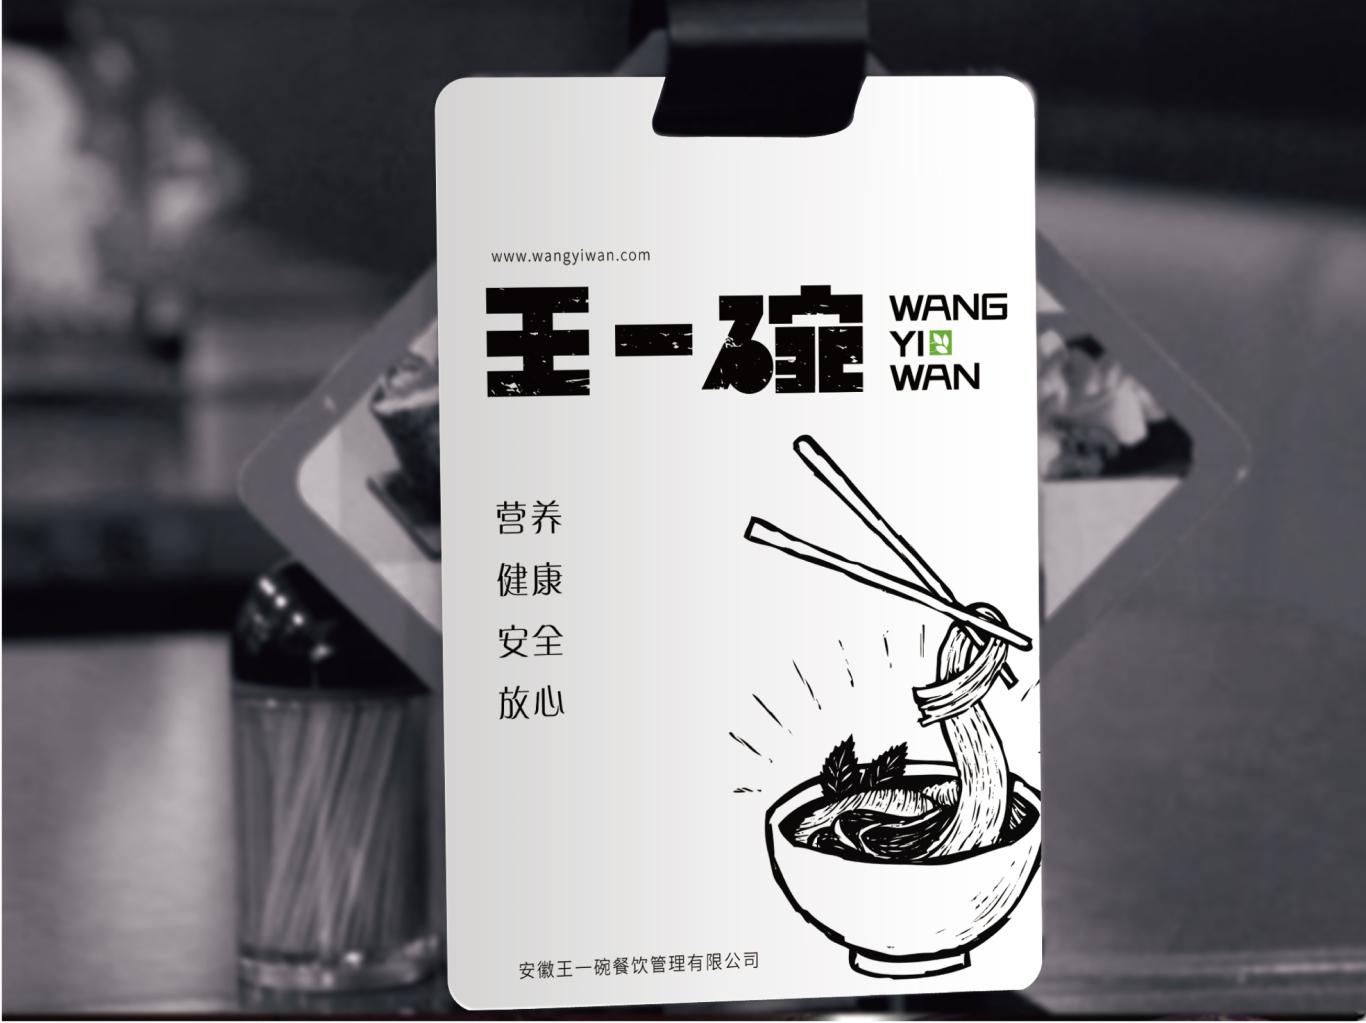 食品 logo vi设计图6